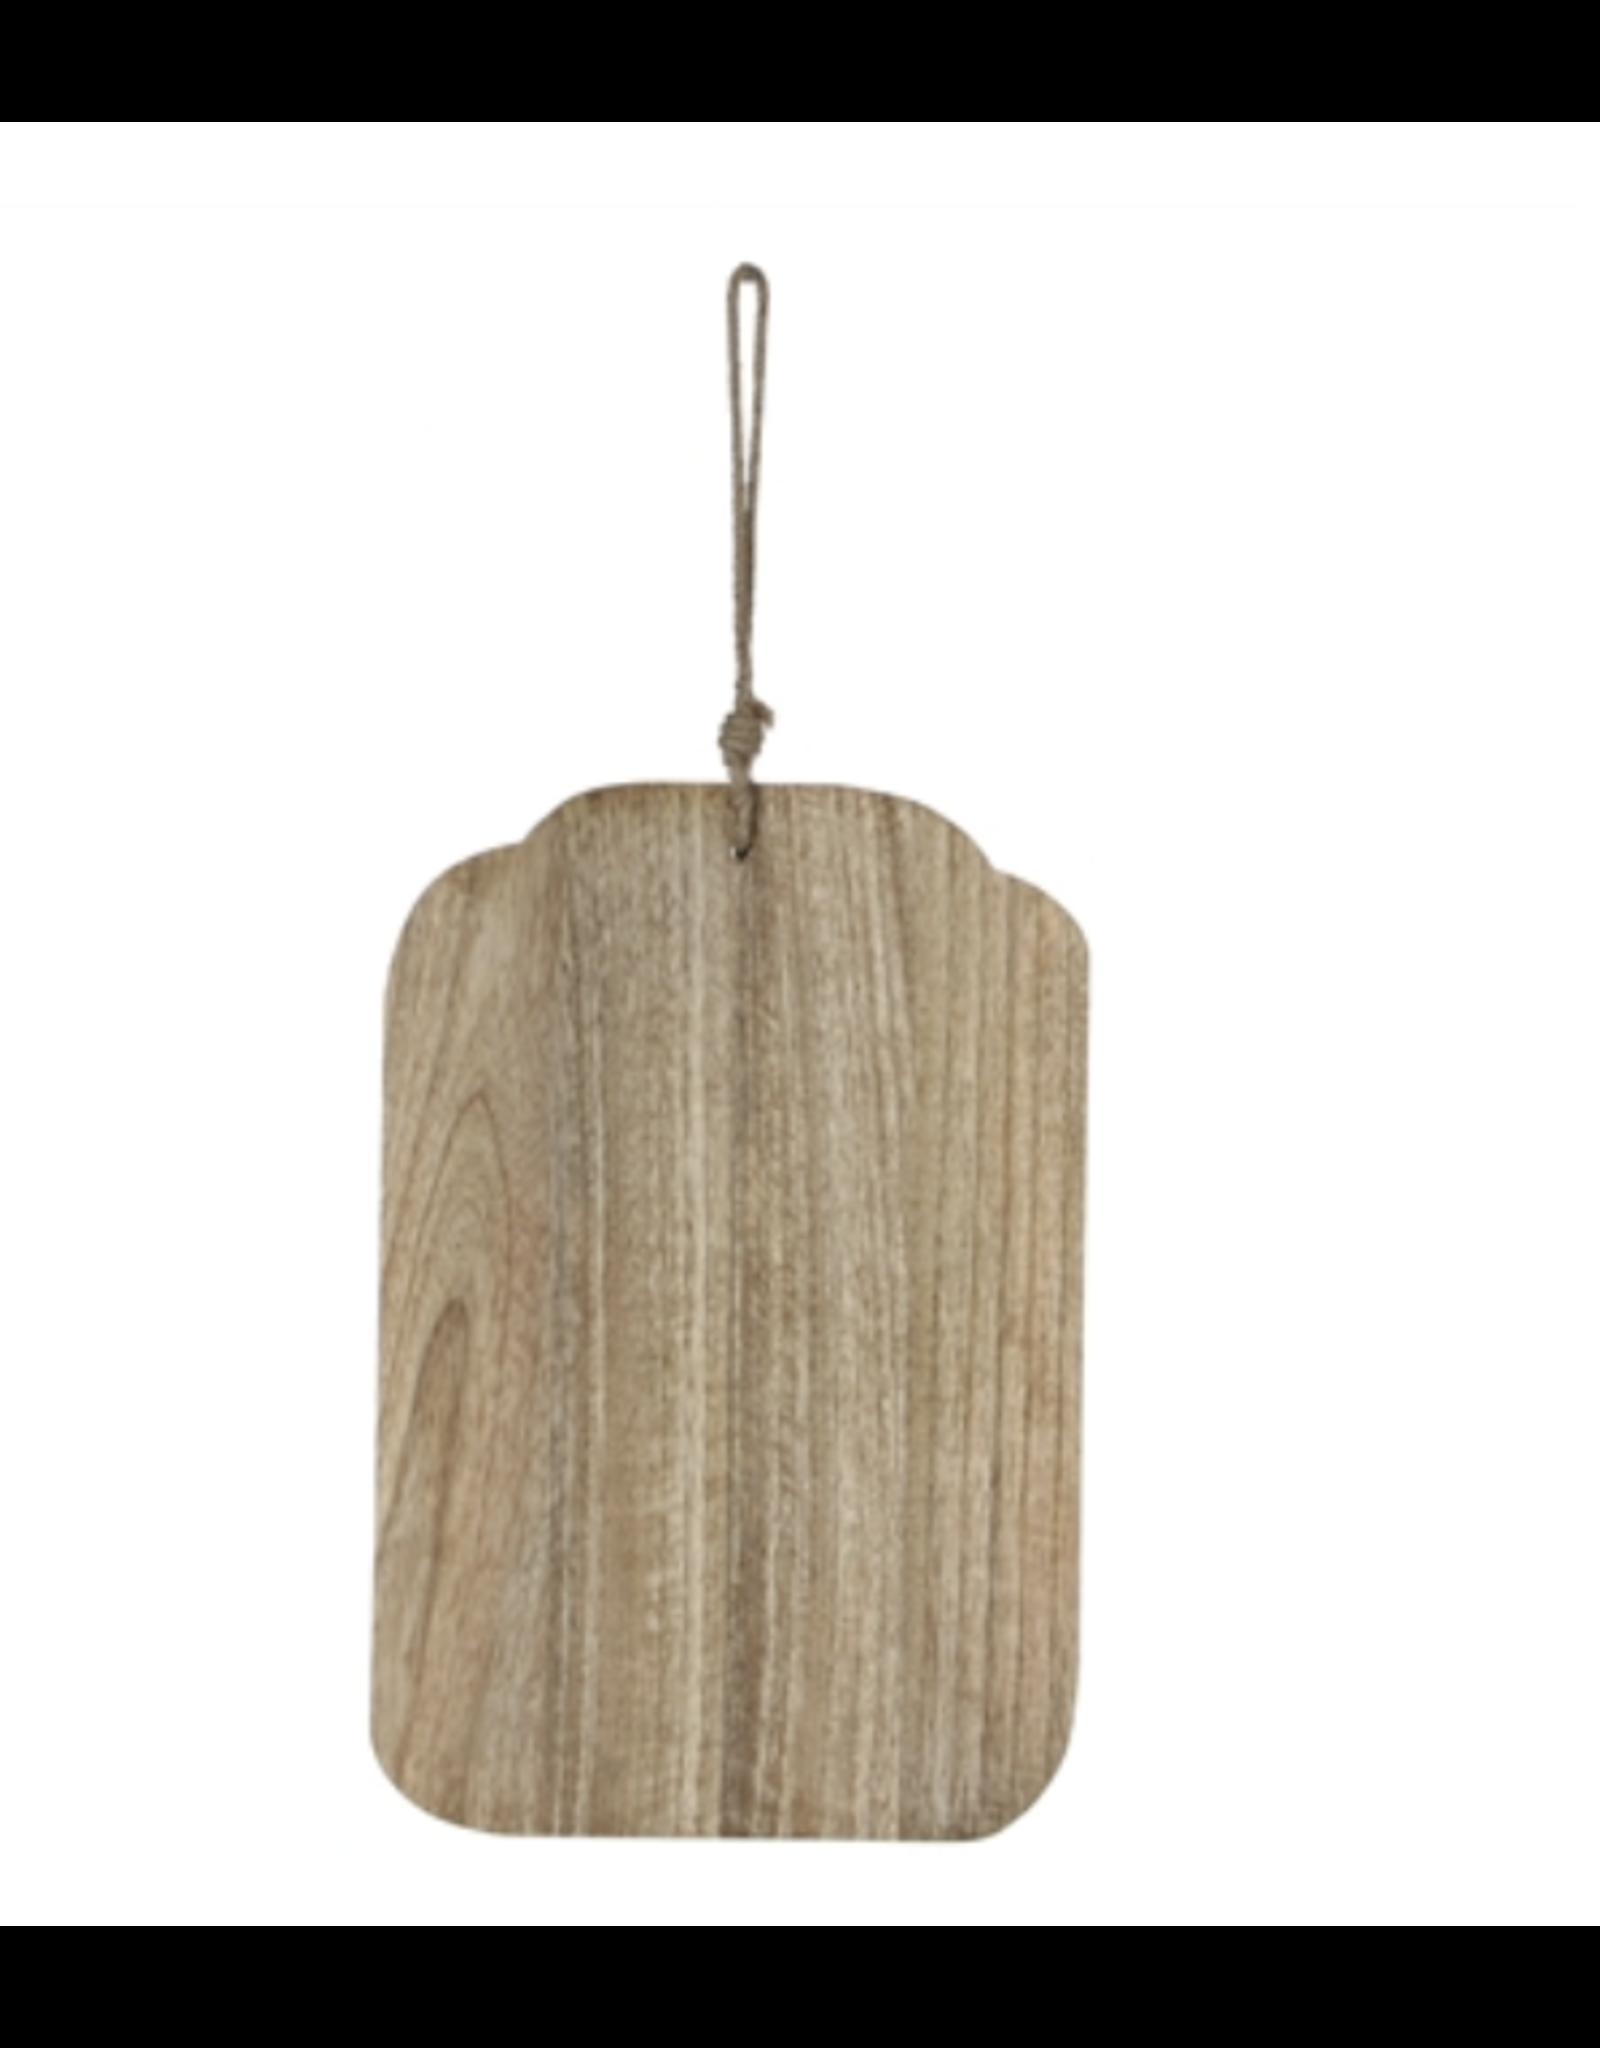 BIDK Duko Small Chopping Board